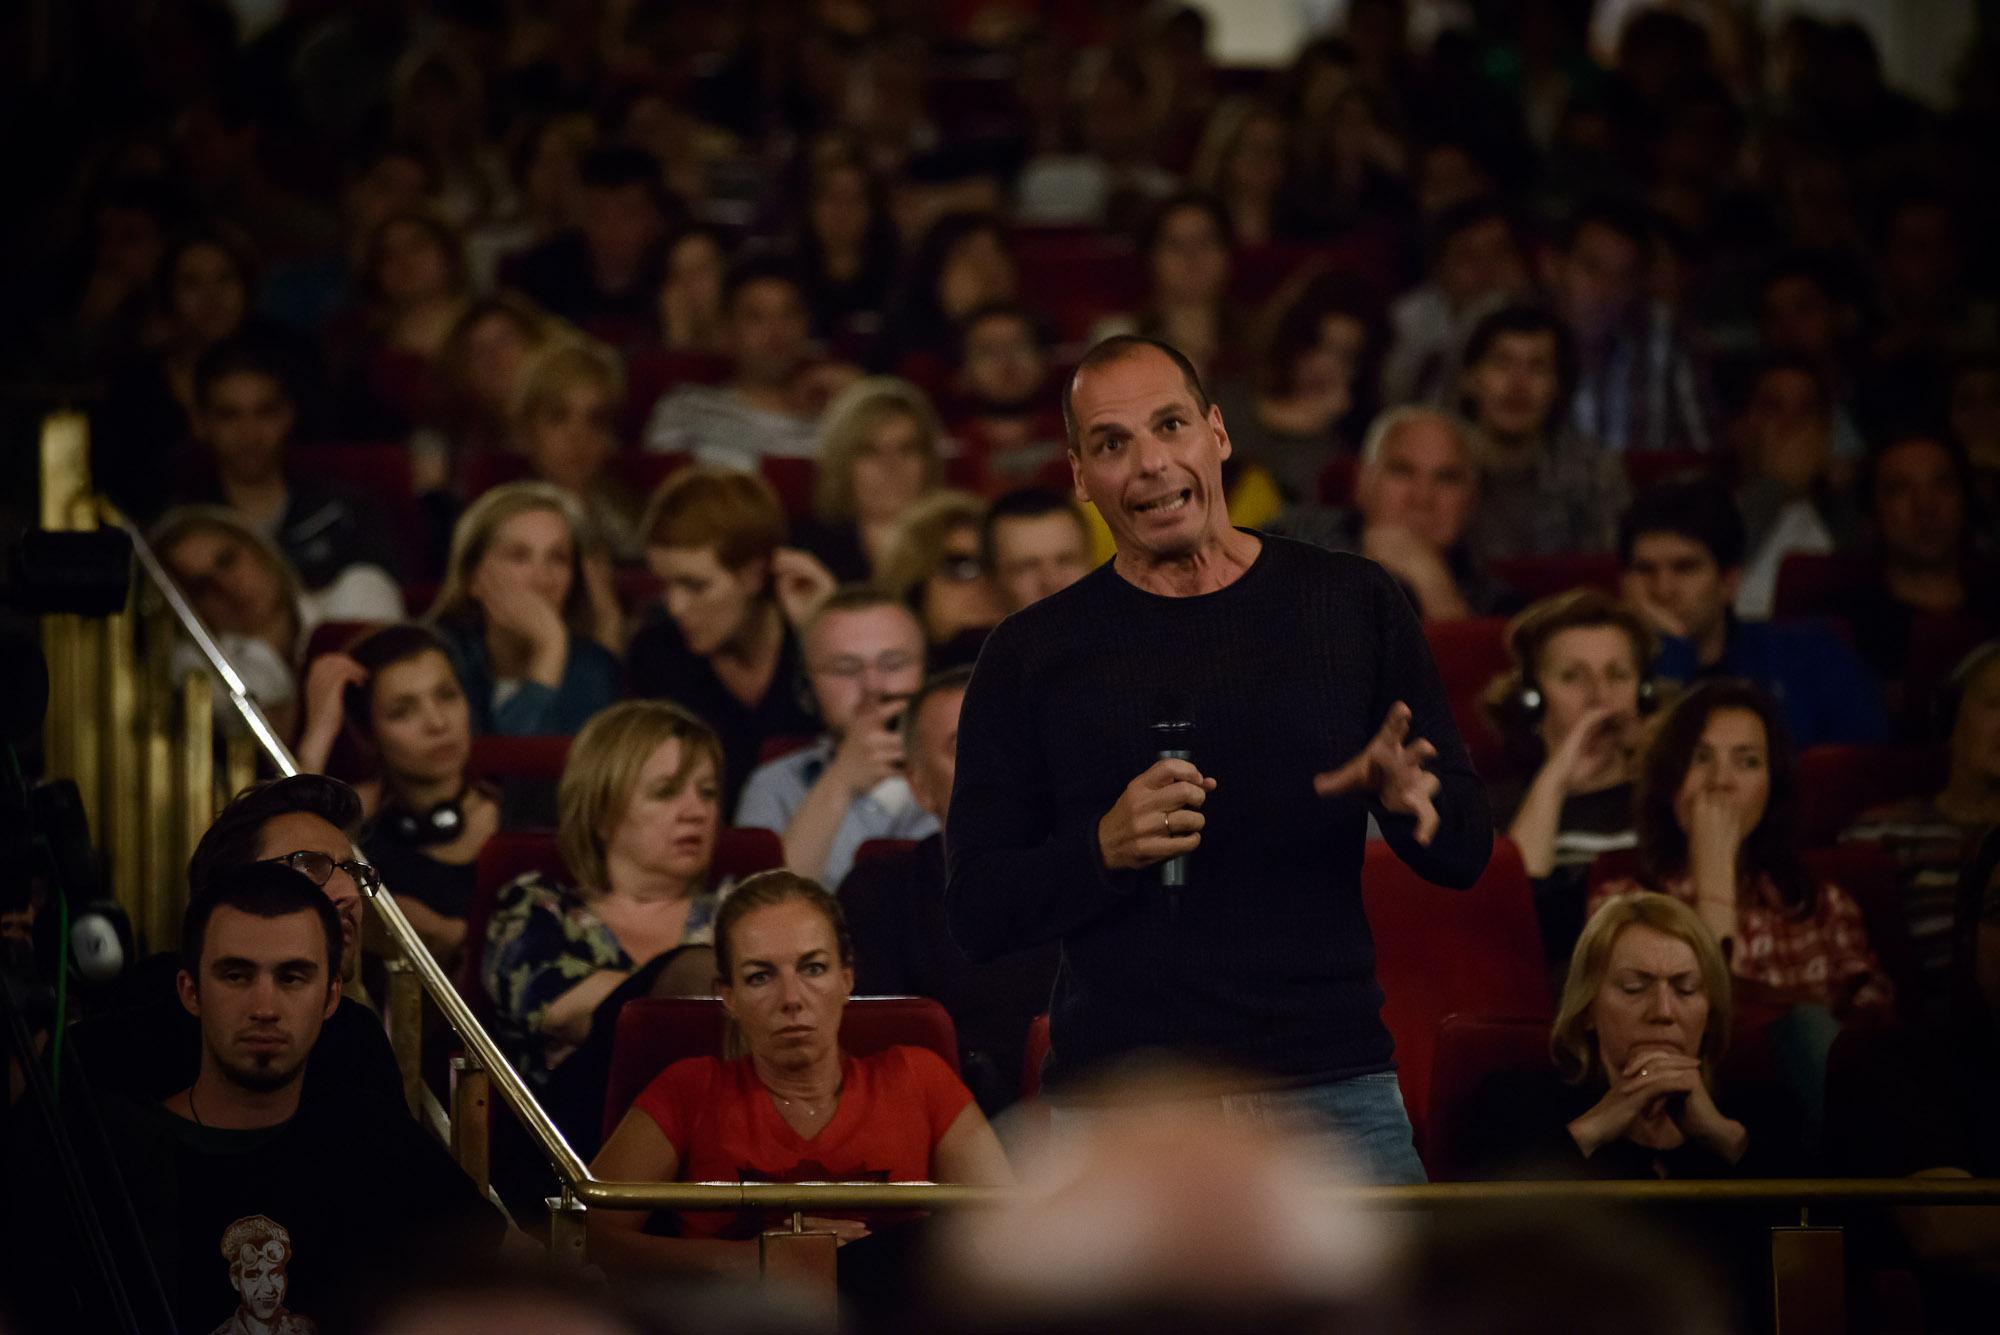 Yanis Varoufakis: Zajedno ćemo graditi progresivnu Europu